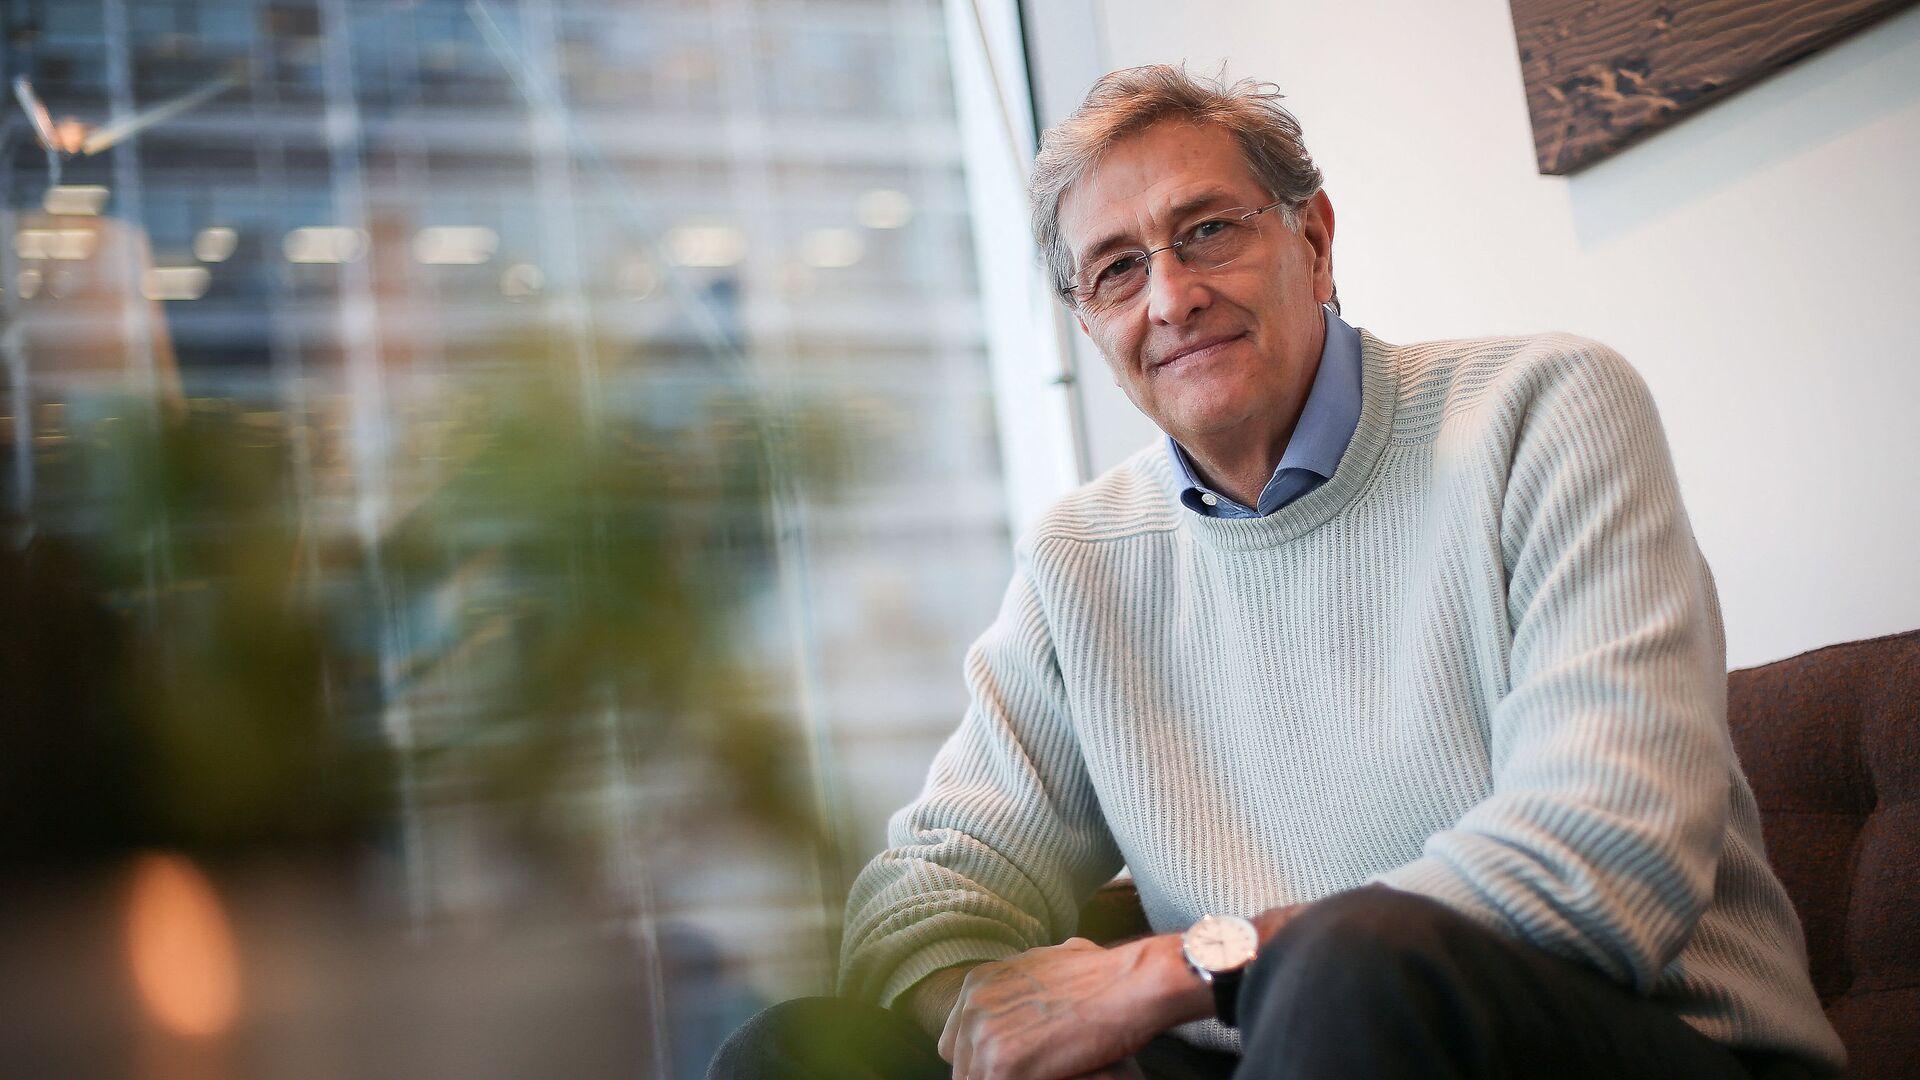 Guido Rasi, ex direttore esecutivo dell'Agenzia europea per i medicinali EMA - Sputnik Italia, 1920, 06.06.2021